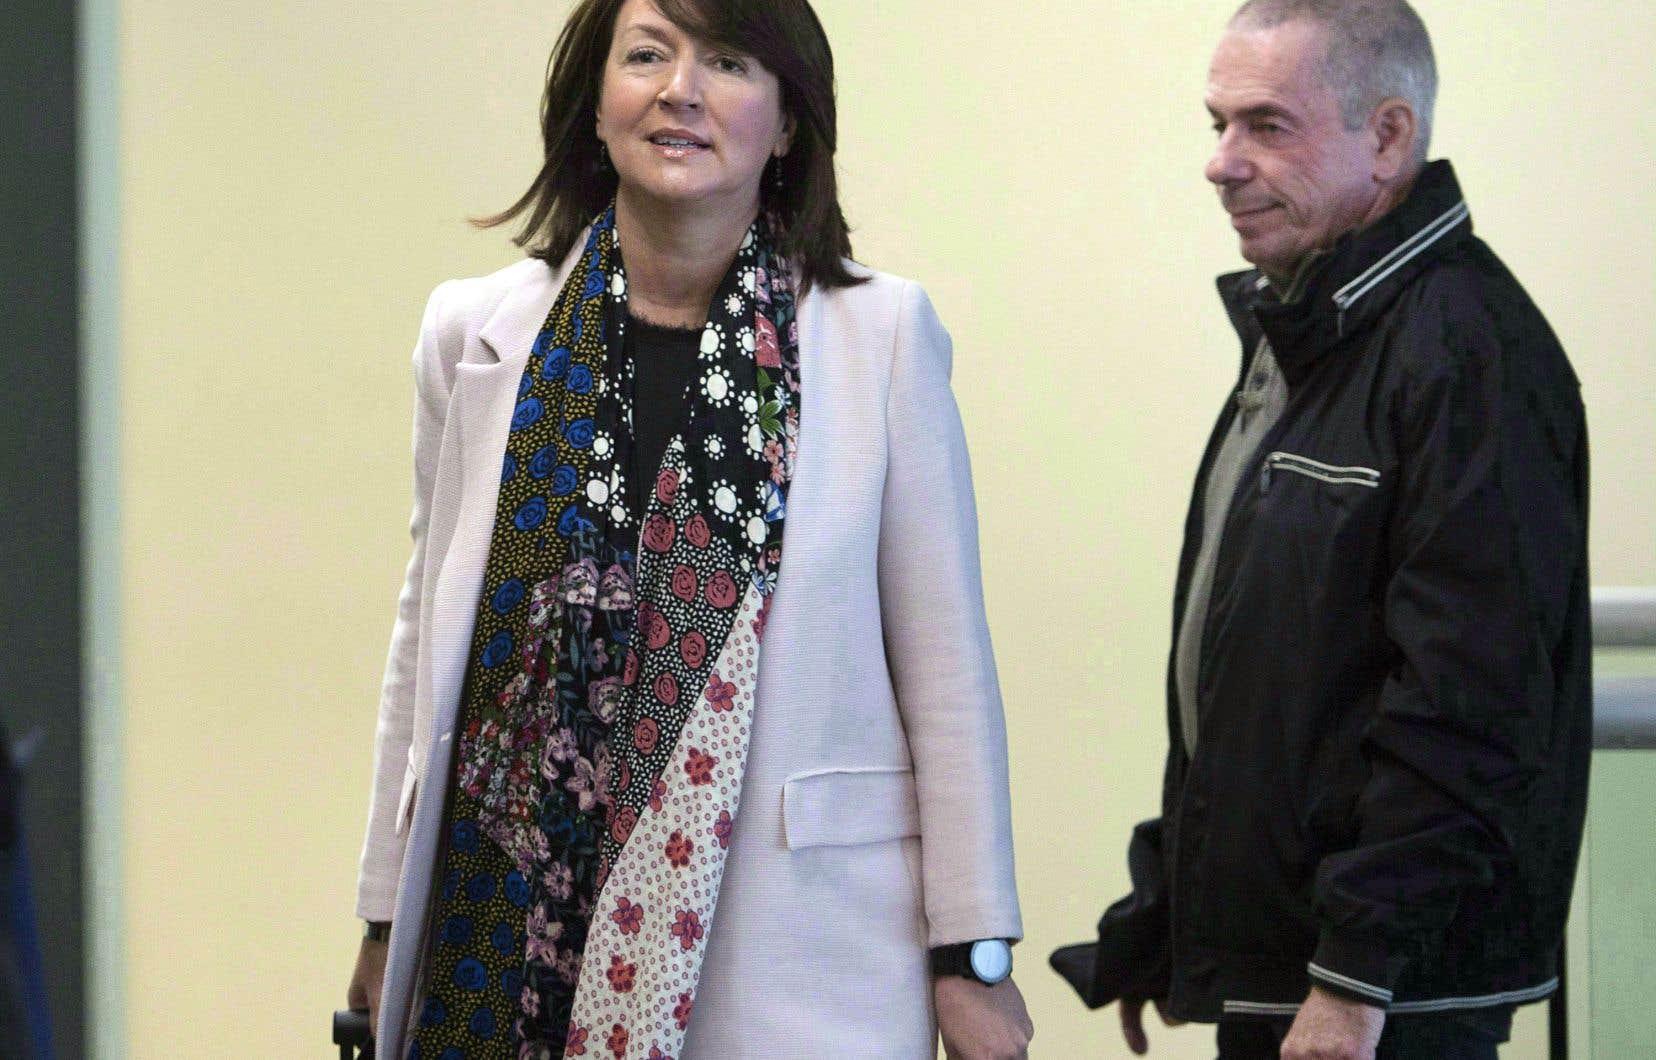 L'ex-vice-première ministre Nathalie Normandeau avait été arrêtée avec six autres personnes, le 17 mars 2016, relativement à des accusations de corruption, de fraude envers le gouvernement et d'abus de confiance.